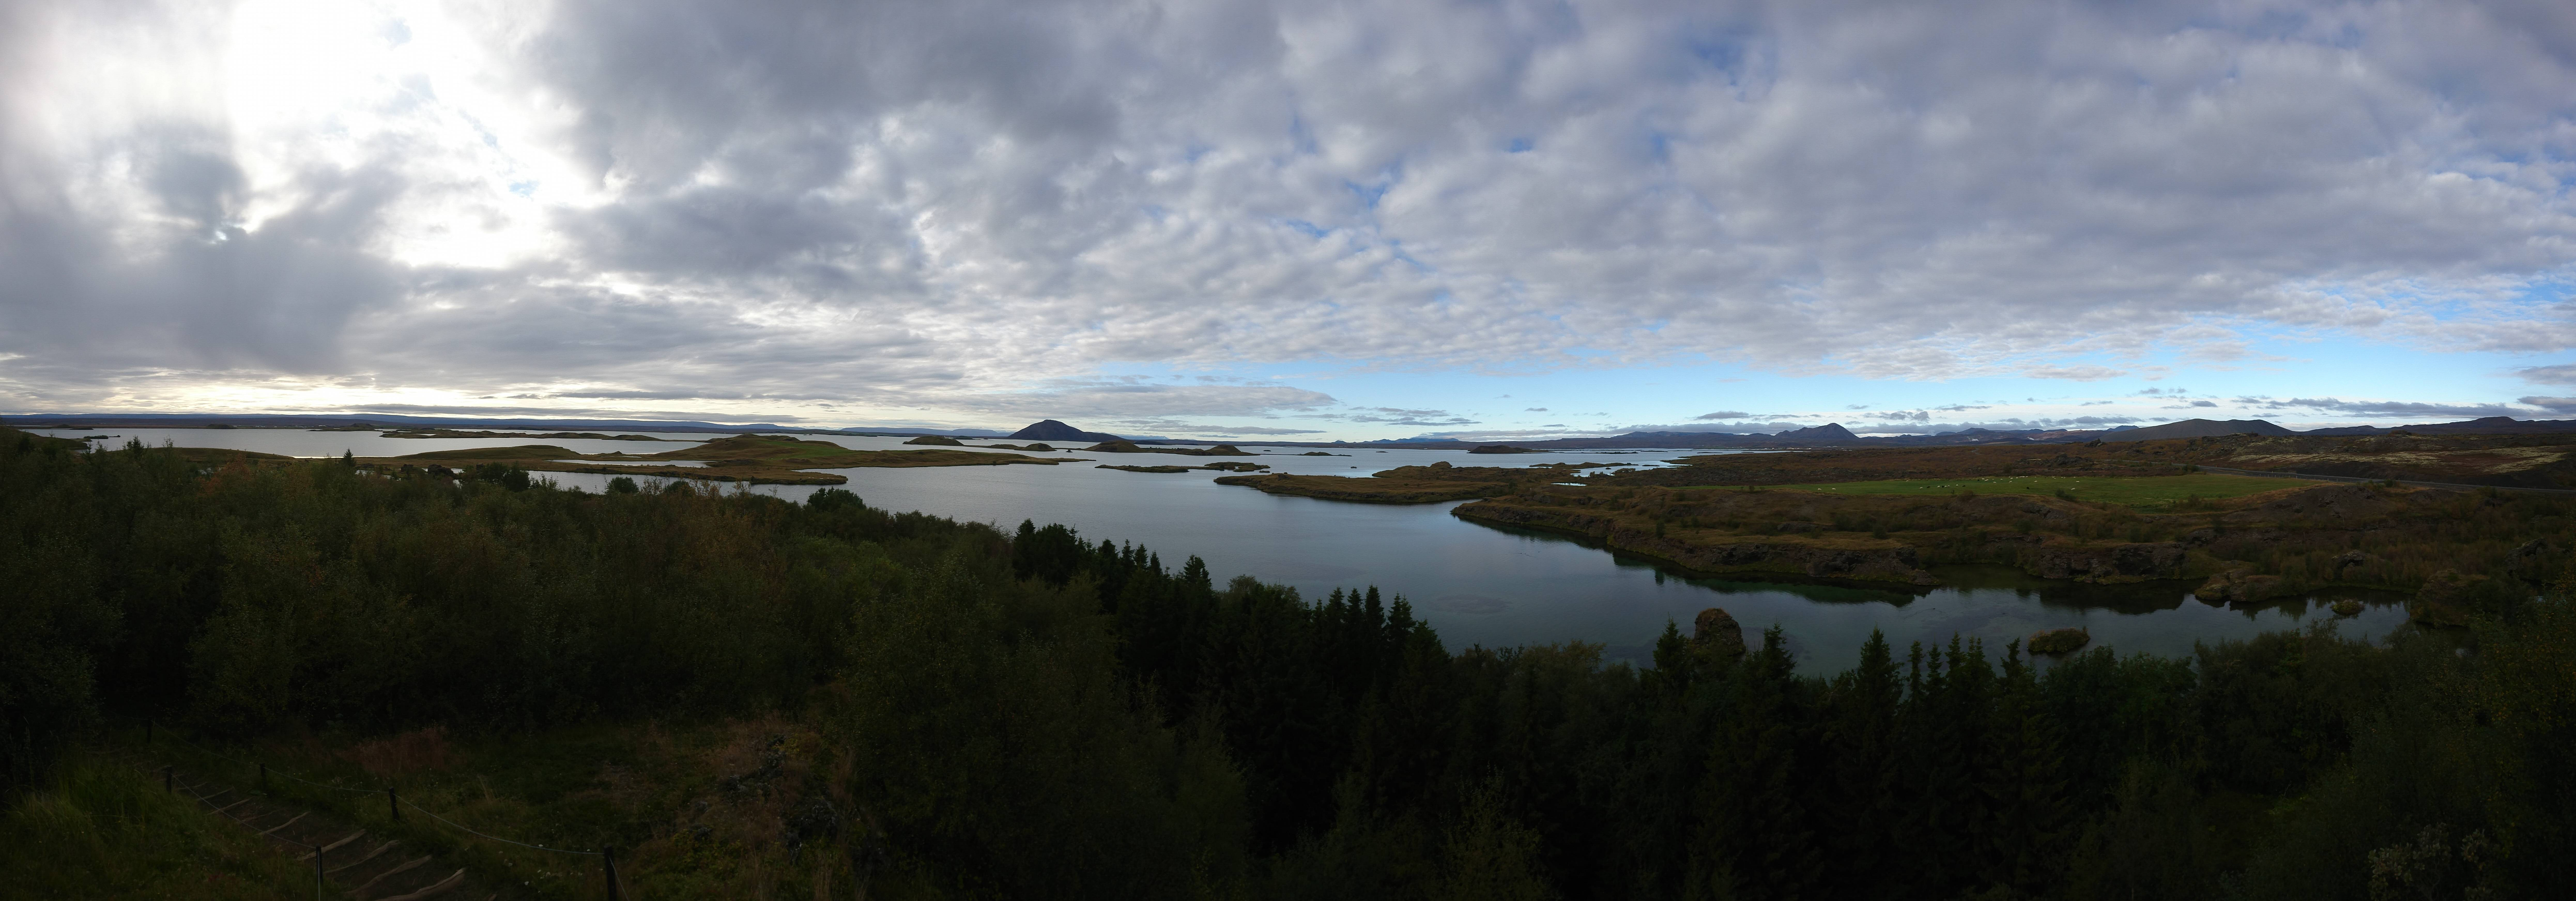 Photo 1: Le Lac de Myvatn, sérénité assurée